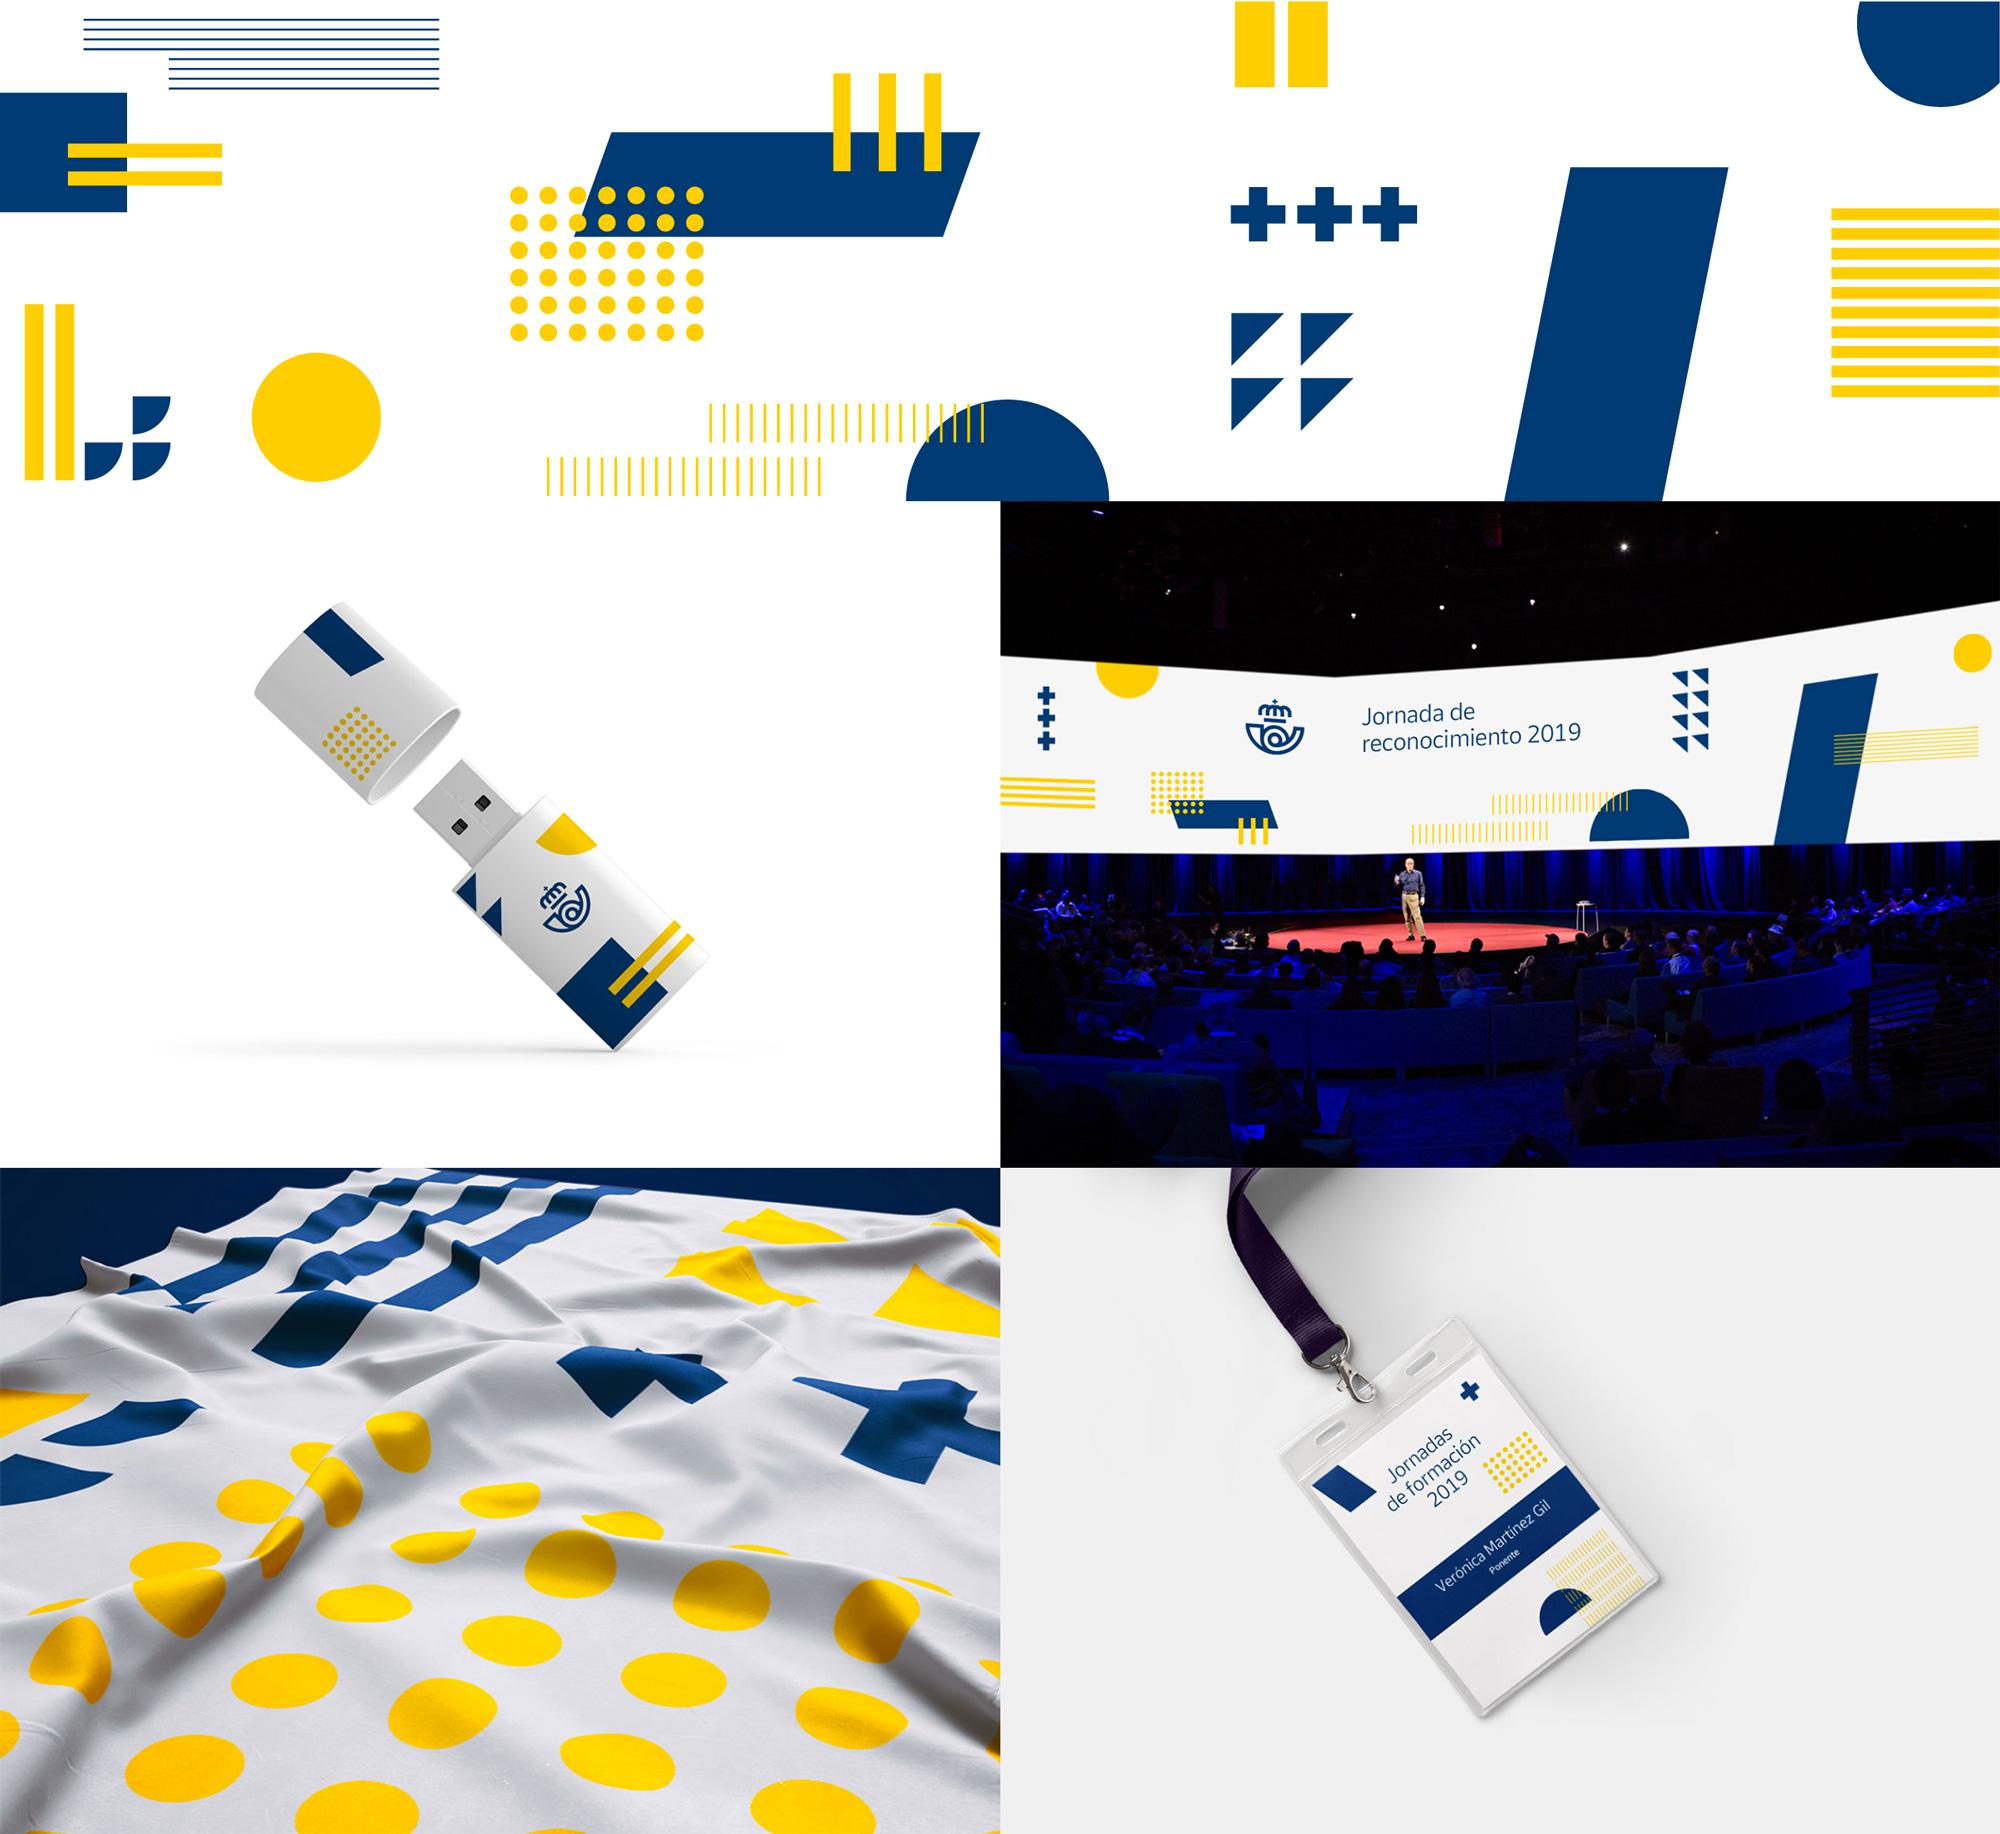 New Logo and Identity for Correos by Summa